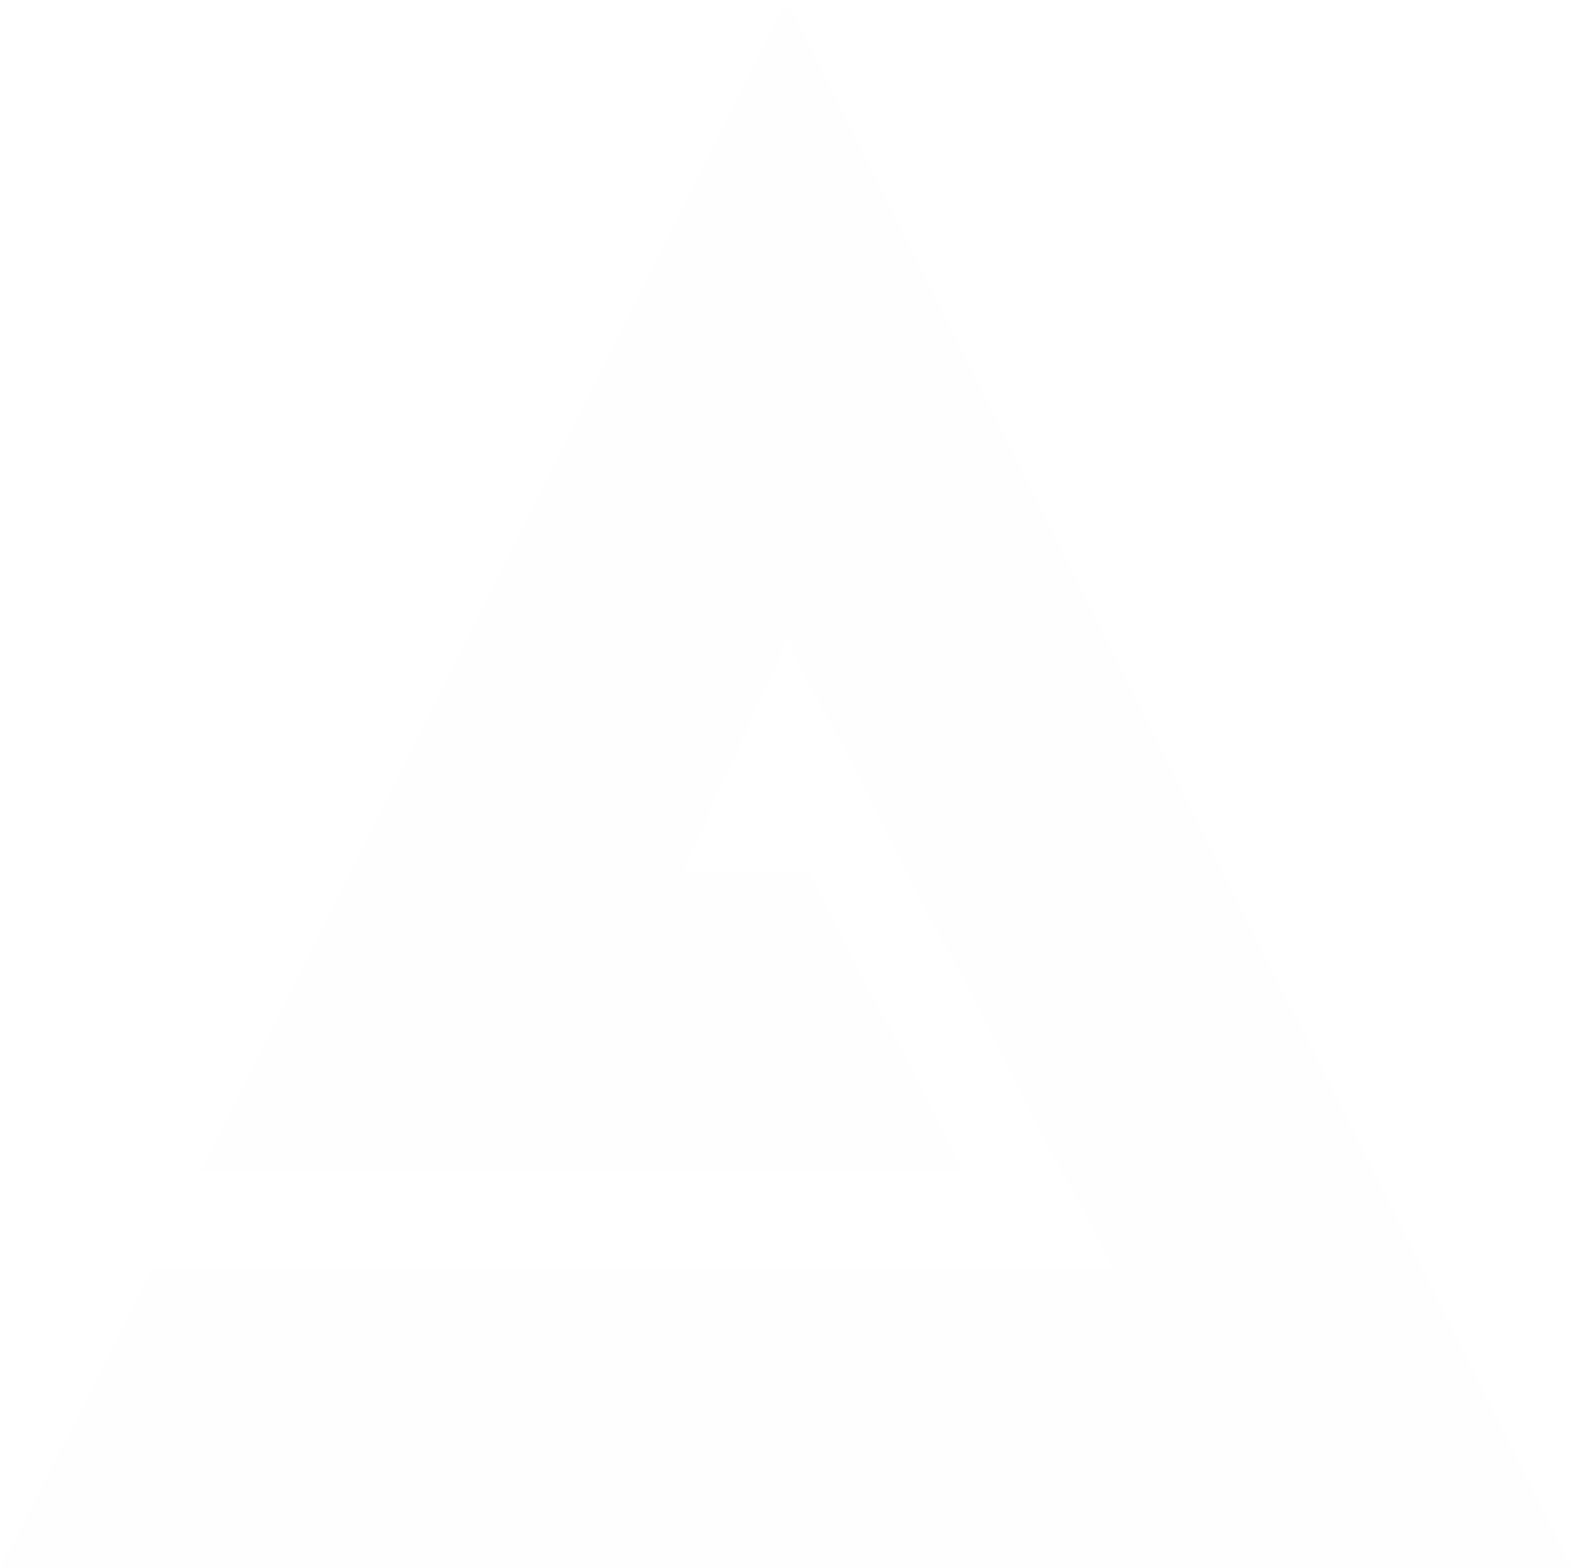 Aqprint